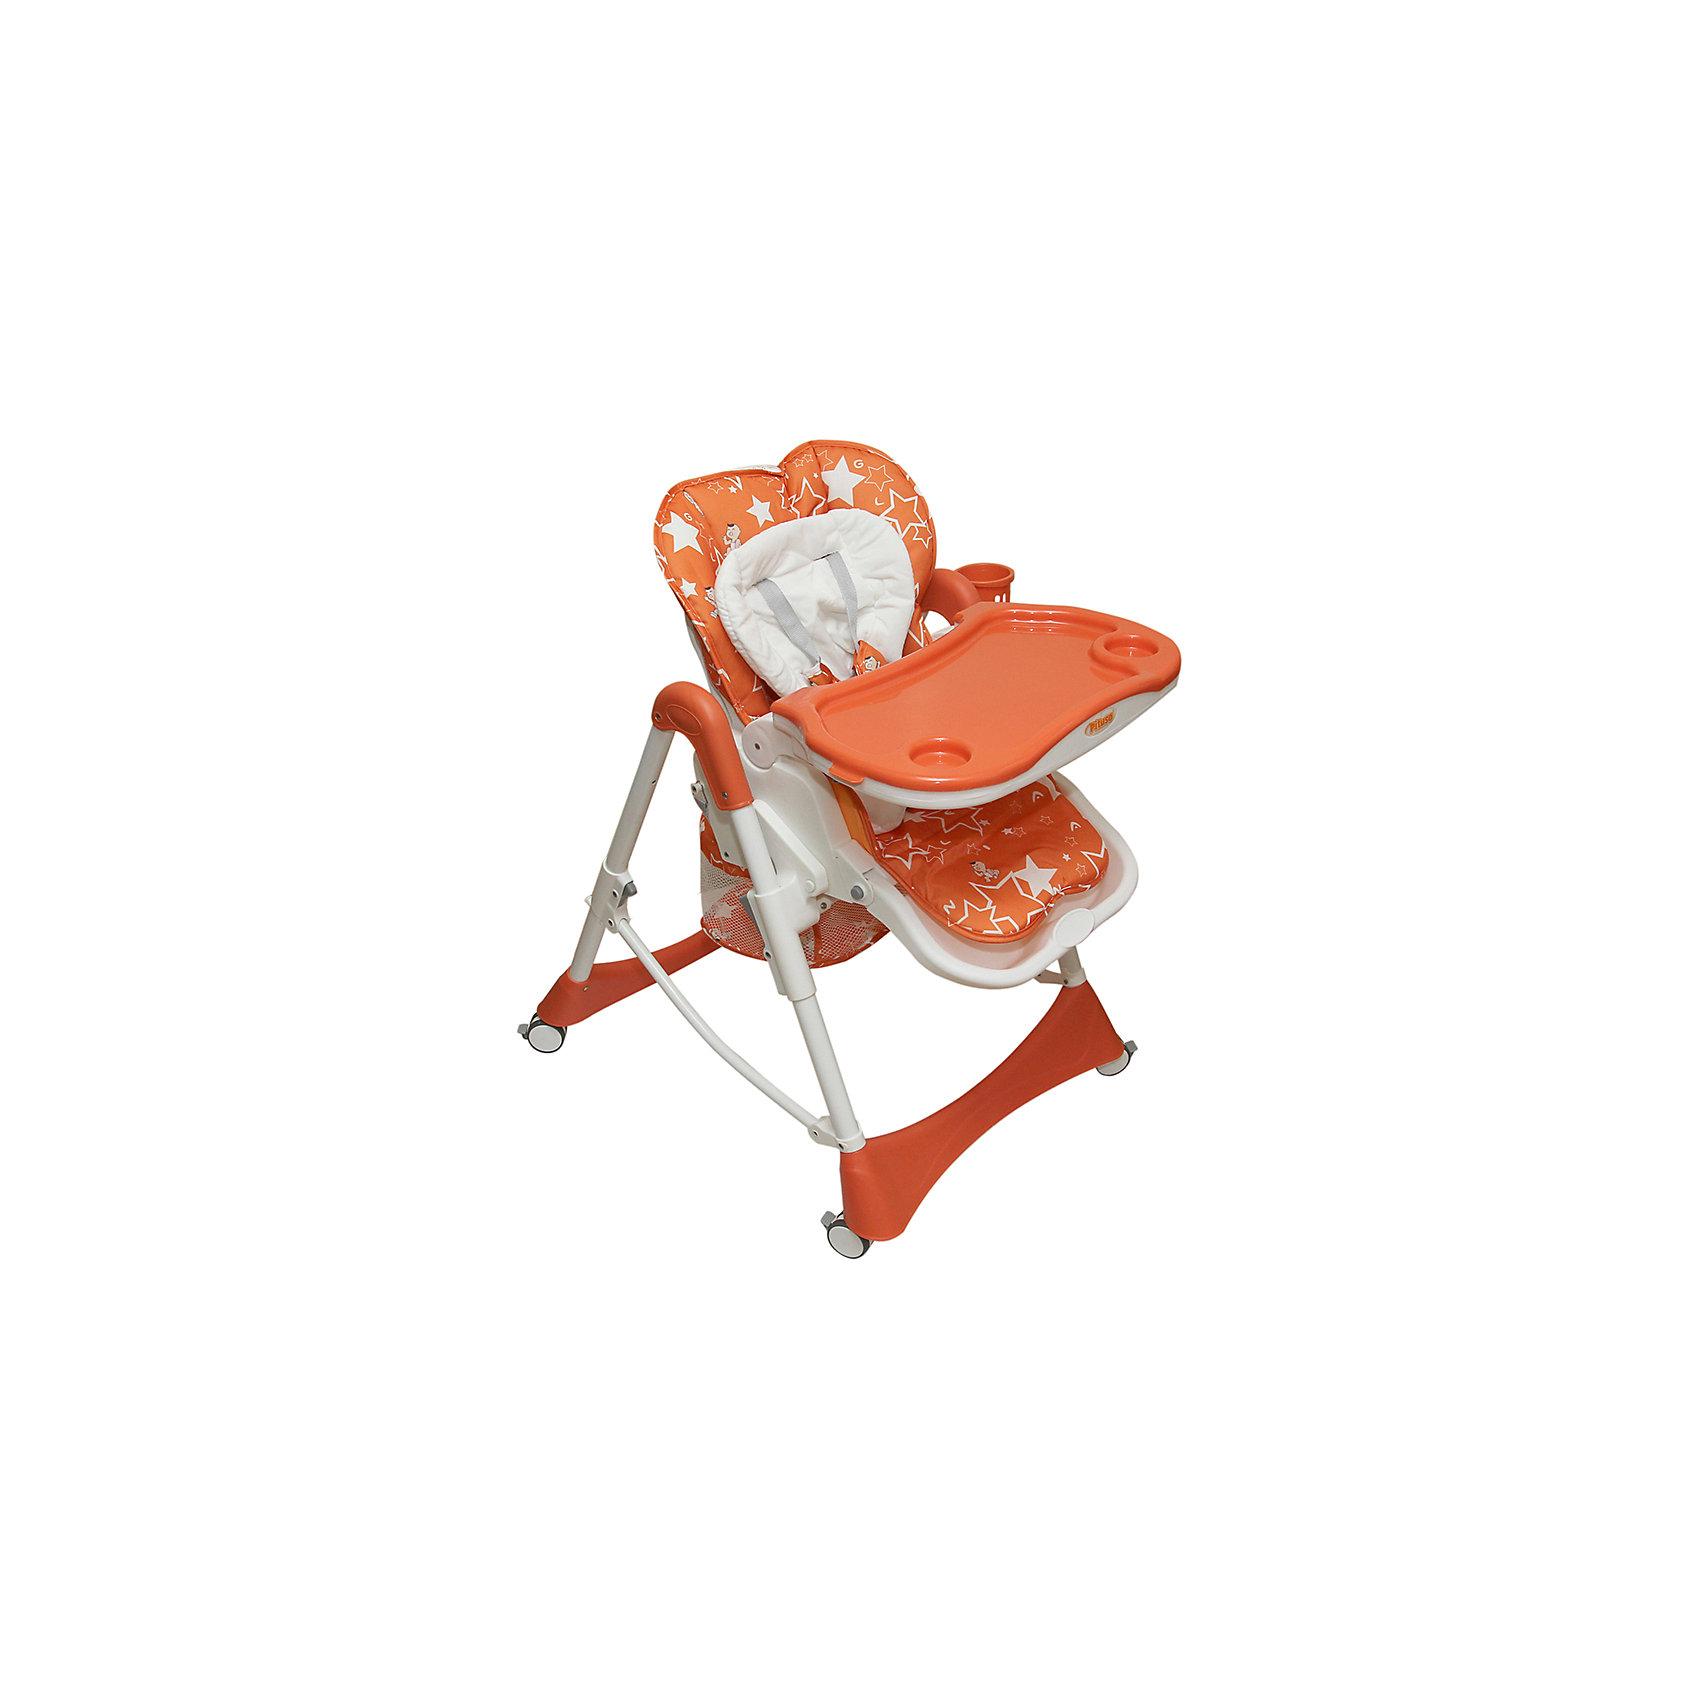 Стульчик для кормления Nana, Pituso, оранжевыйСтульчики для кормления<br>PITUSO Стул для кормления NANA, оранжевый ORANGE<br><br>Ширина мм: 750<br>Глубина мм: 500<br>Высота мм: 330<br>Вес г: 10200<br>Возраст от месяцев: 6<br>Возраст до месяцев: 36<br>Пол: Унисекс<br>Возраст: Детский<br>SKU: 5582110